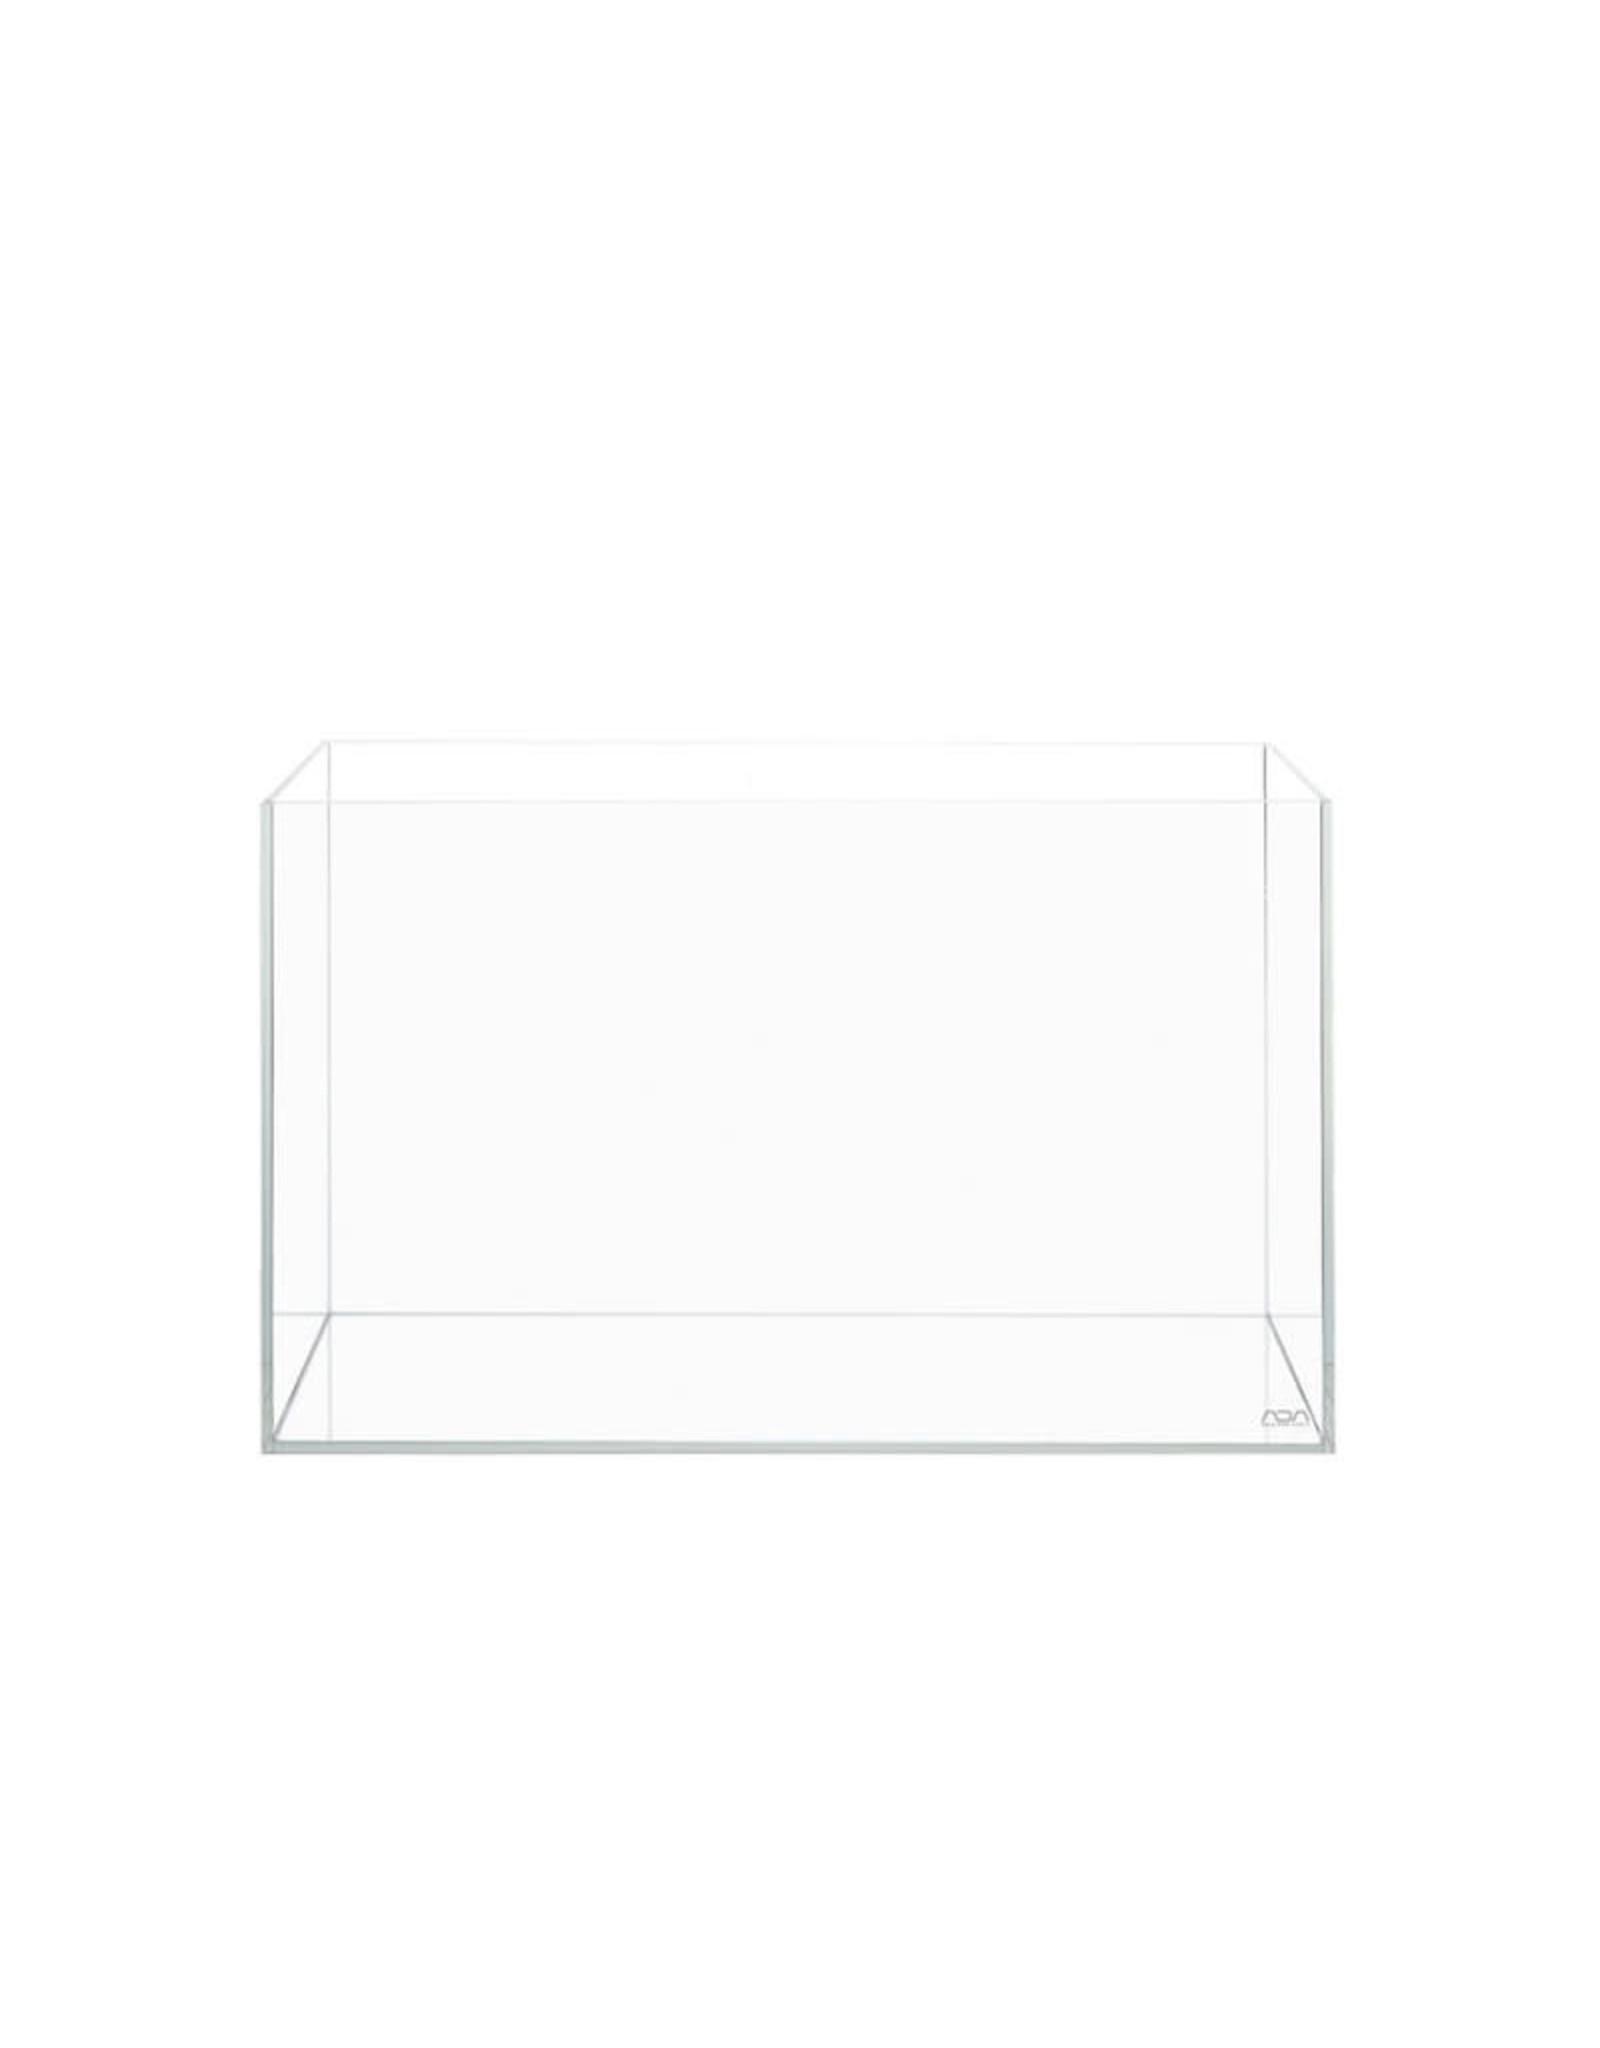 ADA Cube Garden 45-P (45x27x30cm/5mm) incl. 4 hooks